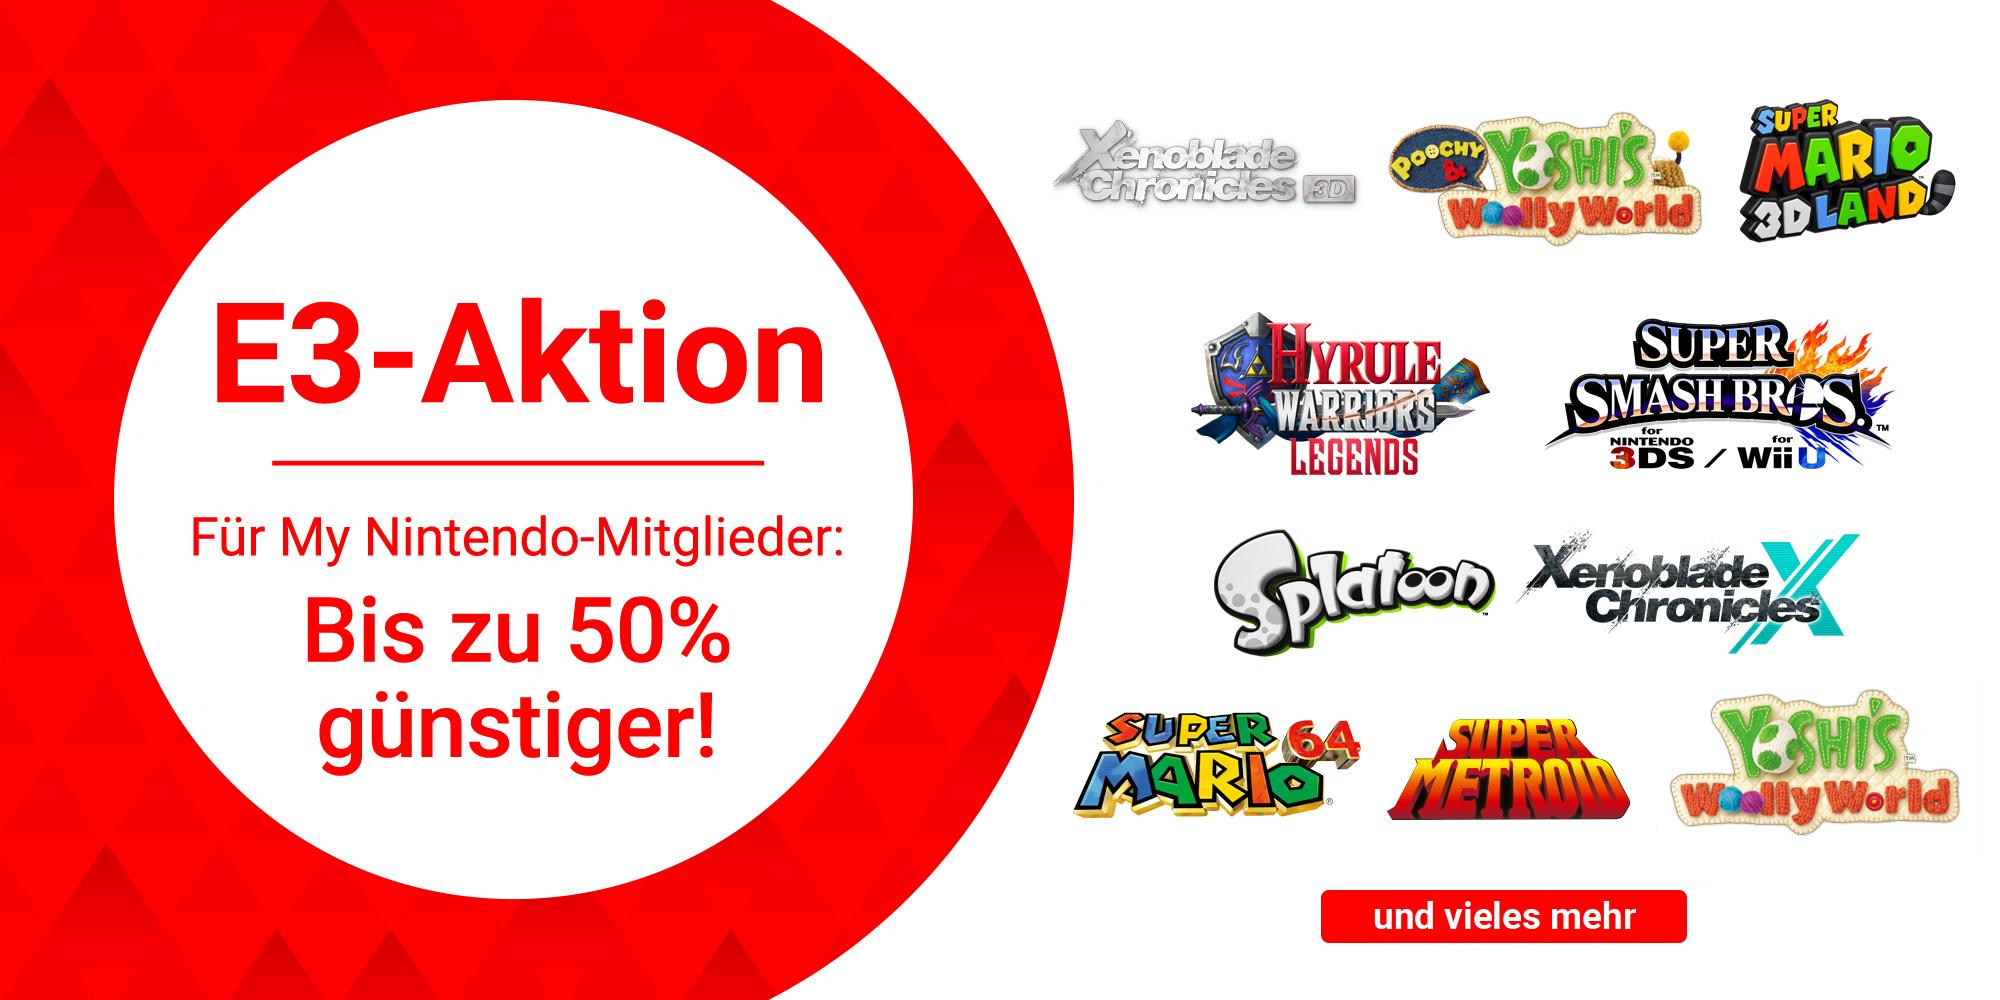 [Nintendo 3DS & Wii U] Bis zu 50% Rabatt auf ausgewählte Titel im Nintendo eShop